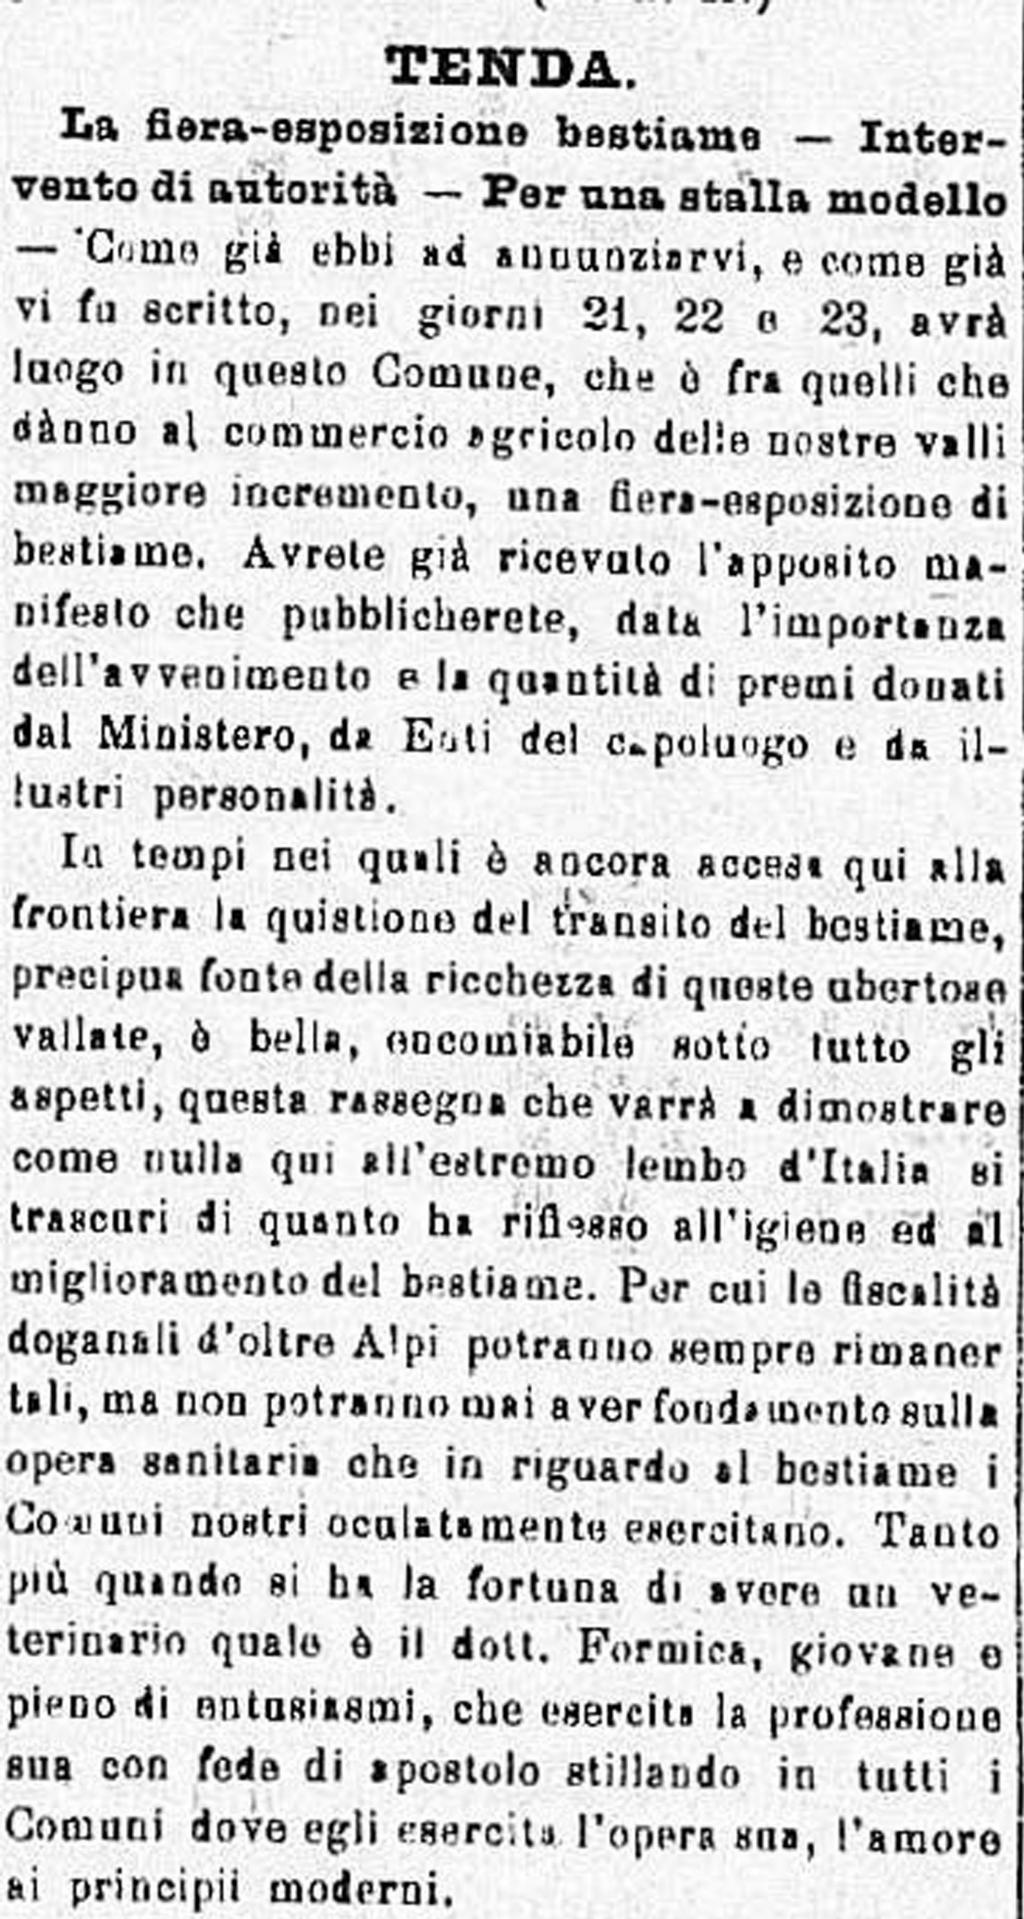 212 du 13 9 1911 a